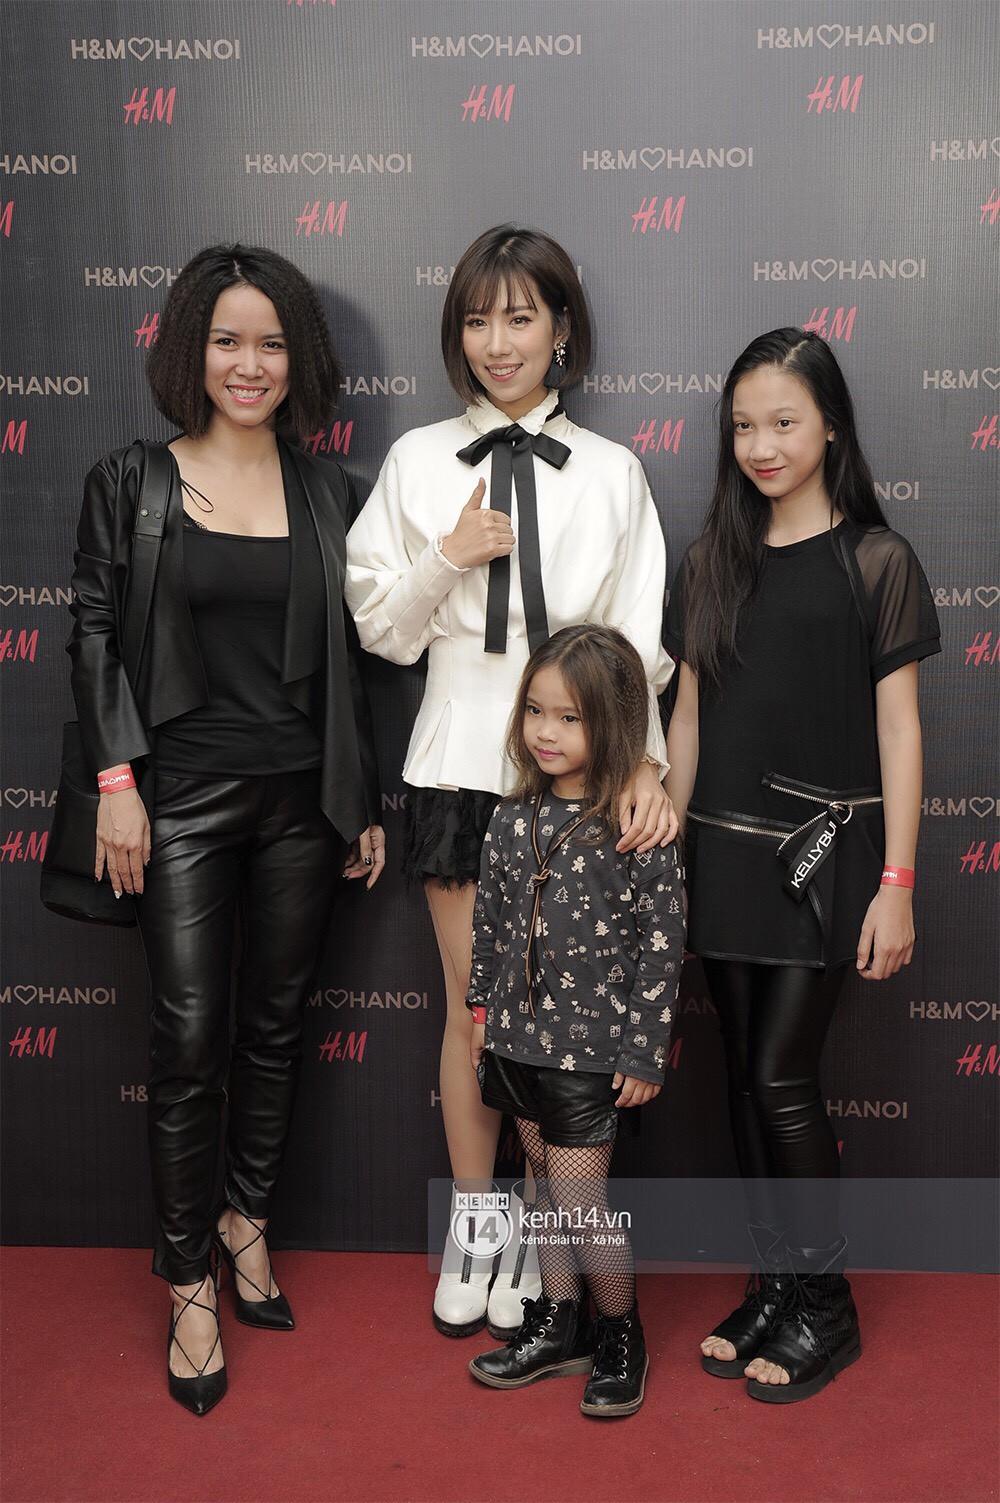 3 gia đình hot nhất mạng xã hội cùng đến mở hàng cho cửa hàng H&M đầu tiên tại Hà Nội - Ảnh 6.